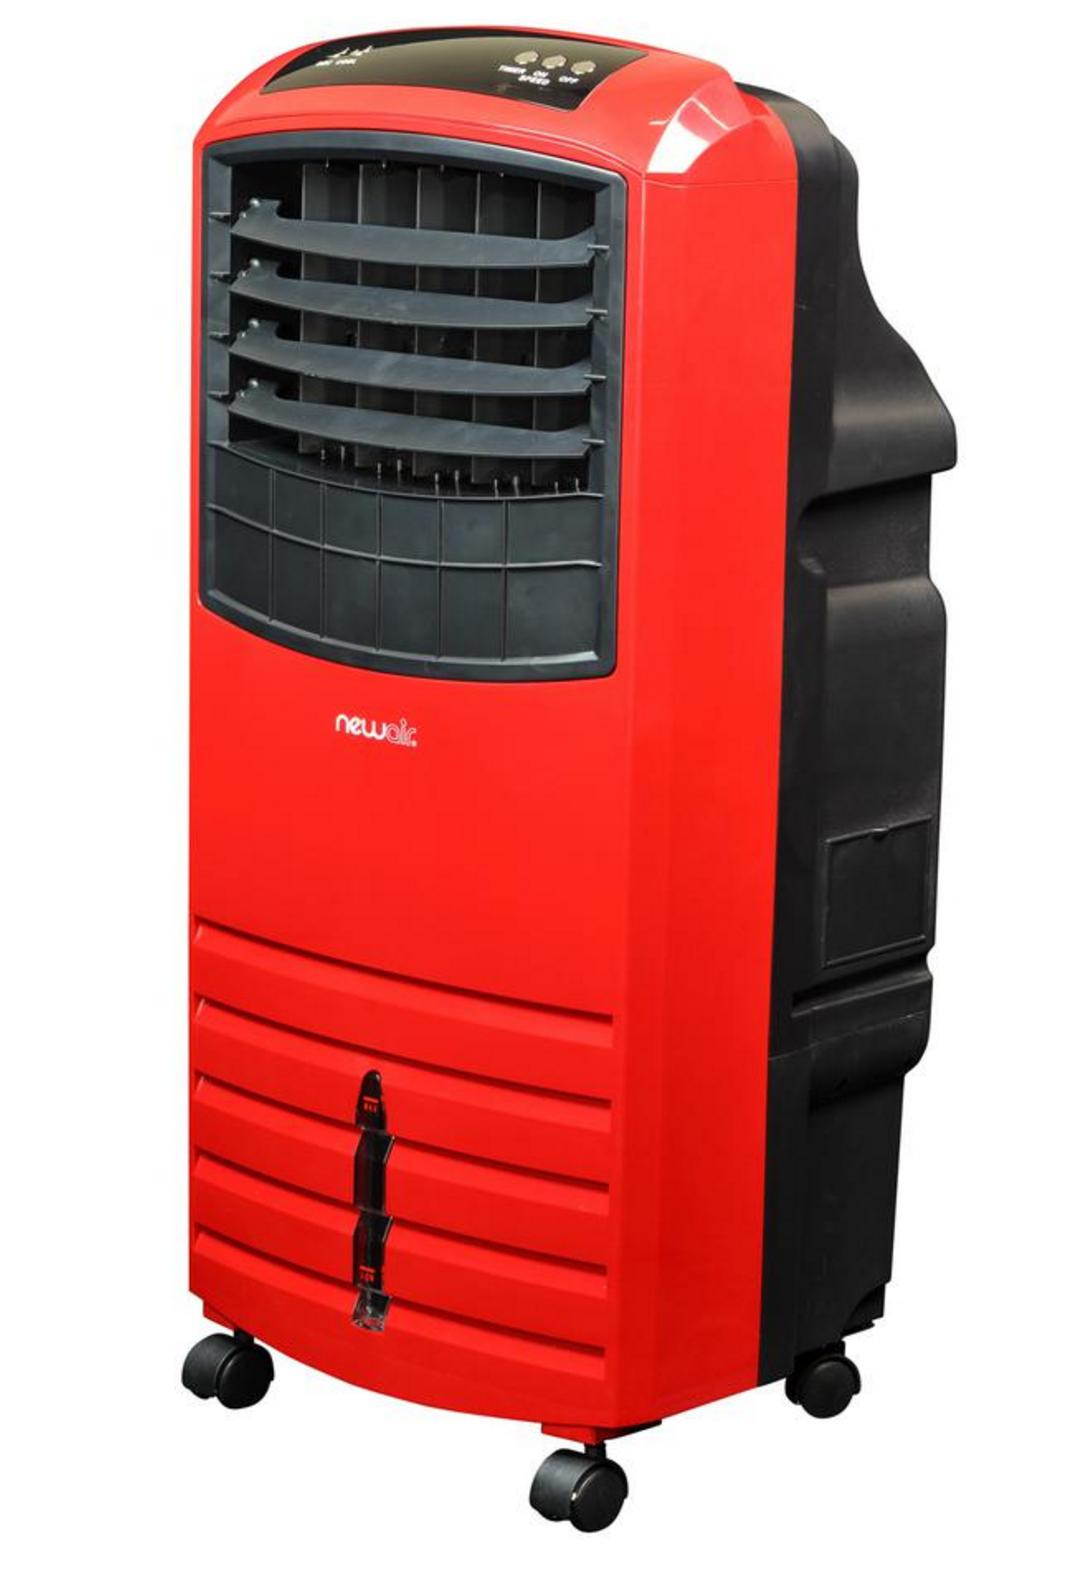 Newair Af-1000R Portable Evaporative Cooler, Red